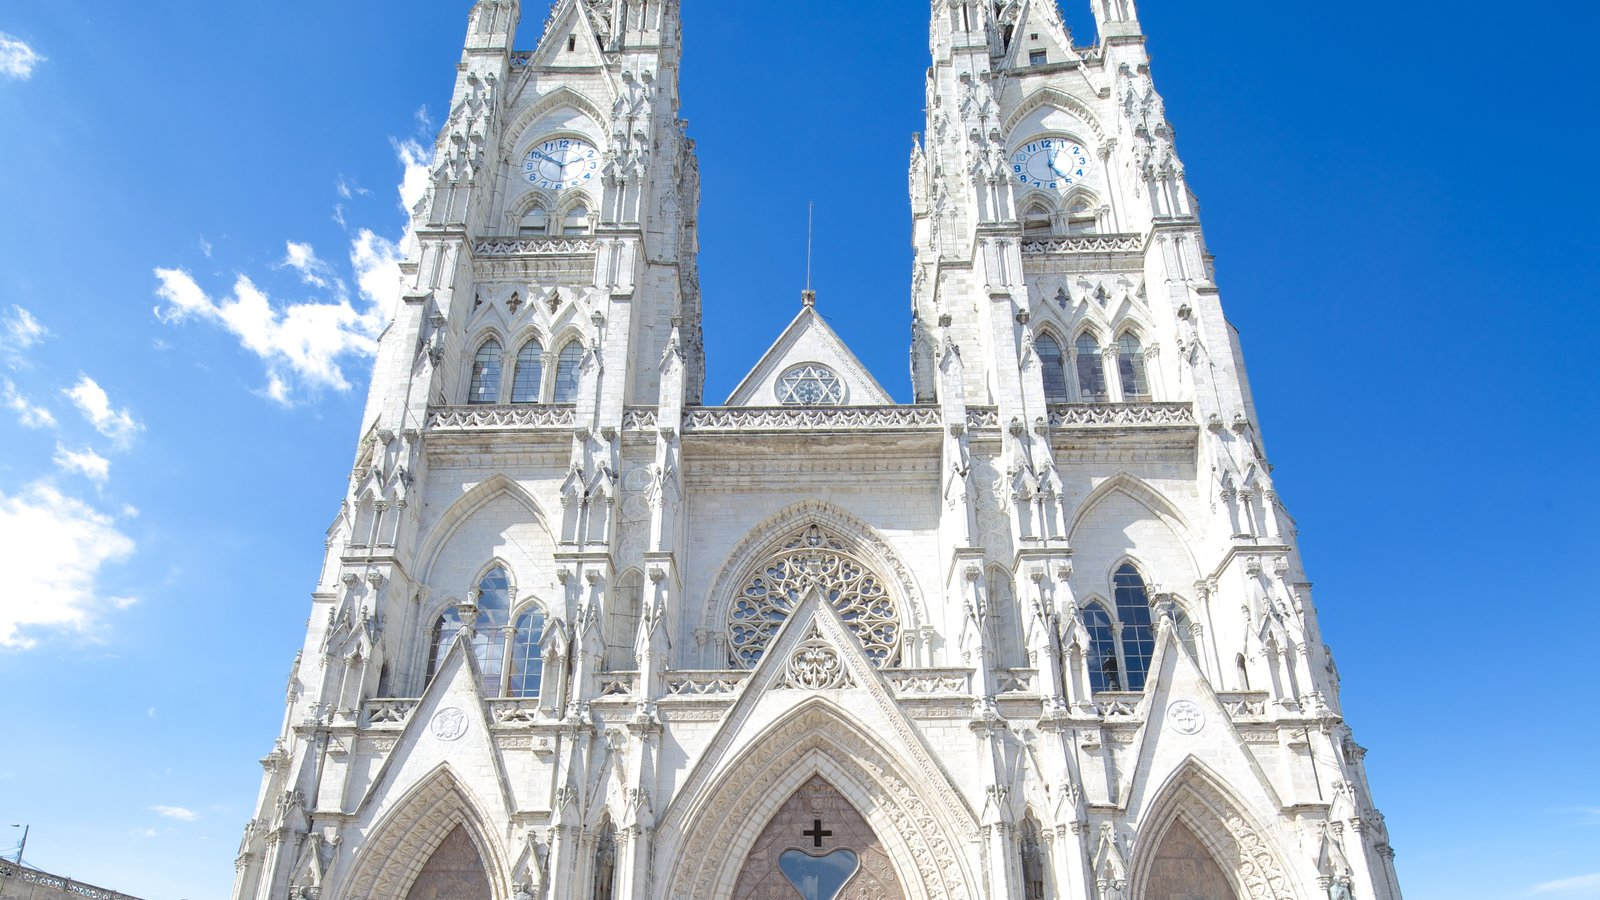 Basílica do Voto Nacional caracterizando arquitetura de patrimônio, aspectos religiosos e uma igreja ou catedral